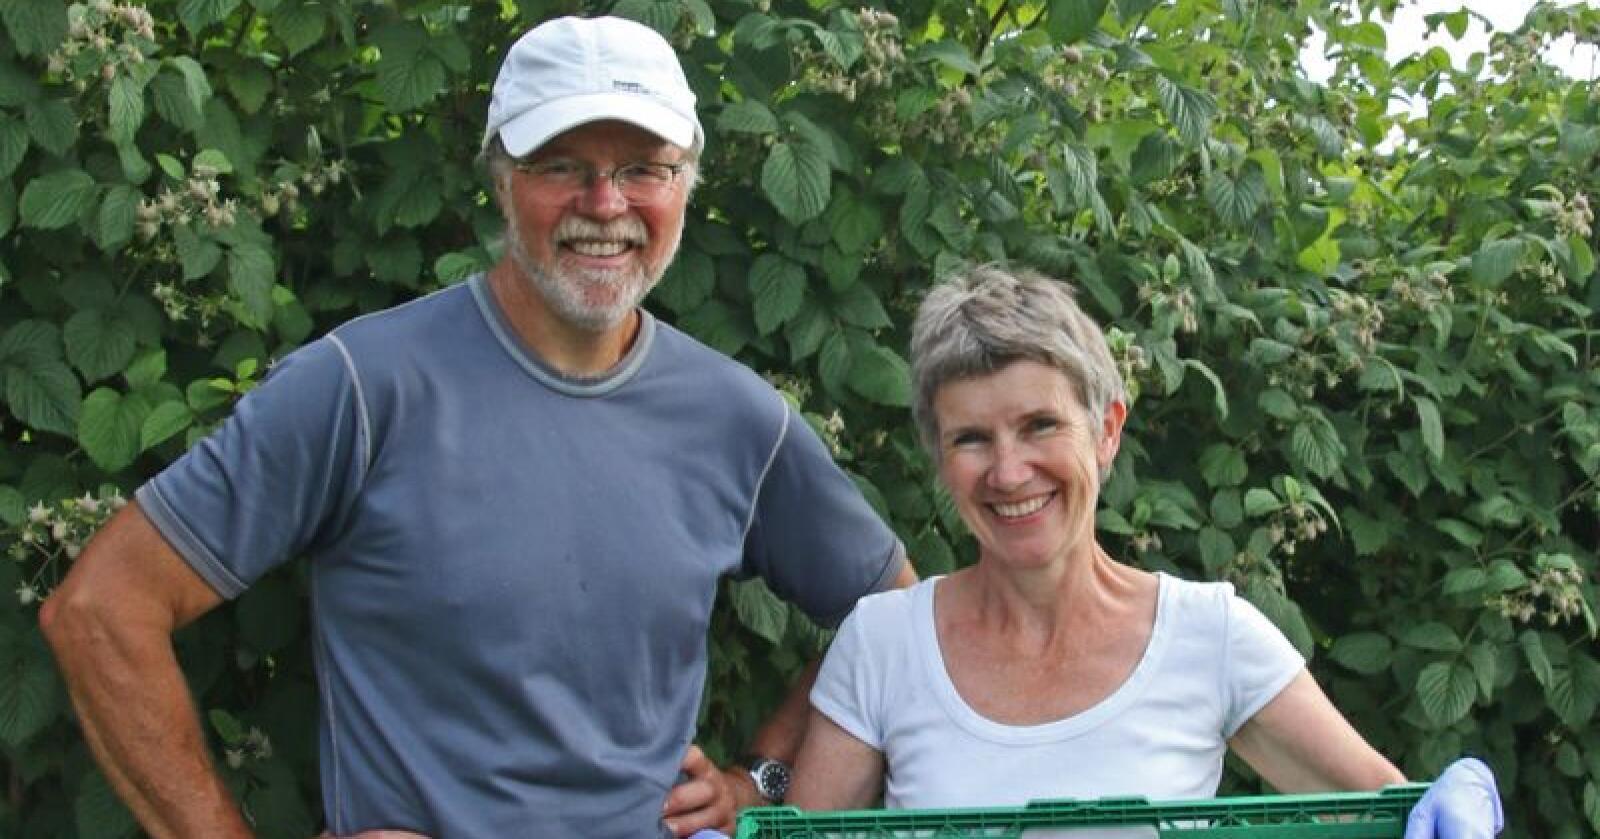 Åse-Marit Thorbjørnsrud og Roy Andersen har stor suksess med Bringebærlandet. – Vi har hele tiden vært opptatt av å finne nye anvendelser for bringebær, sier Andersen. (Foto: IN)